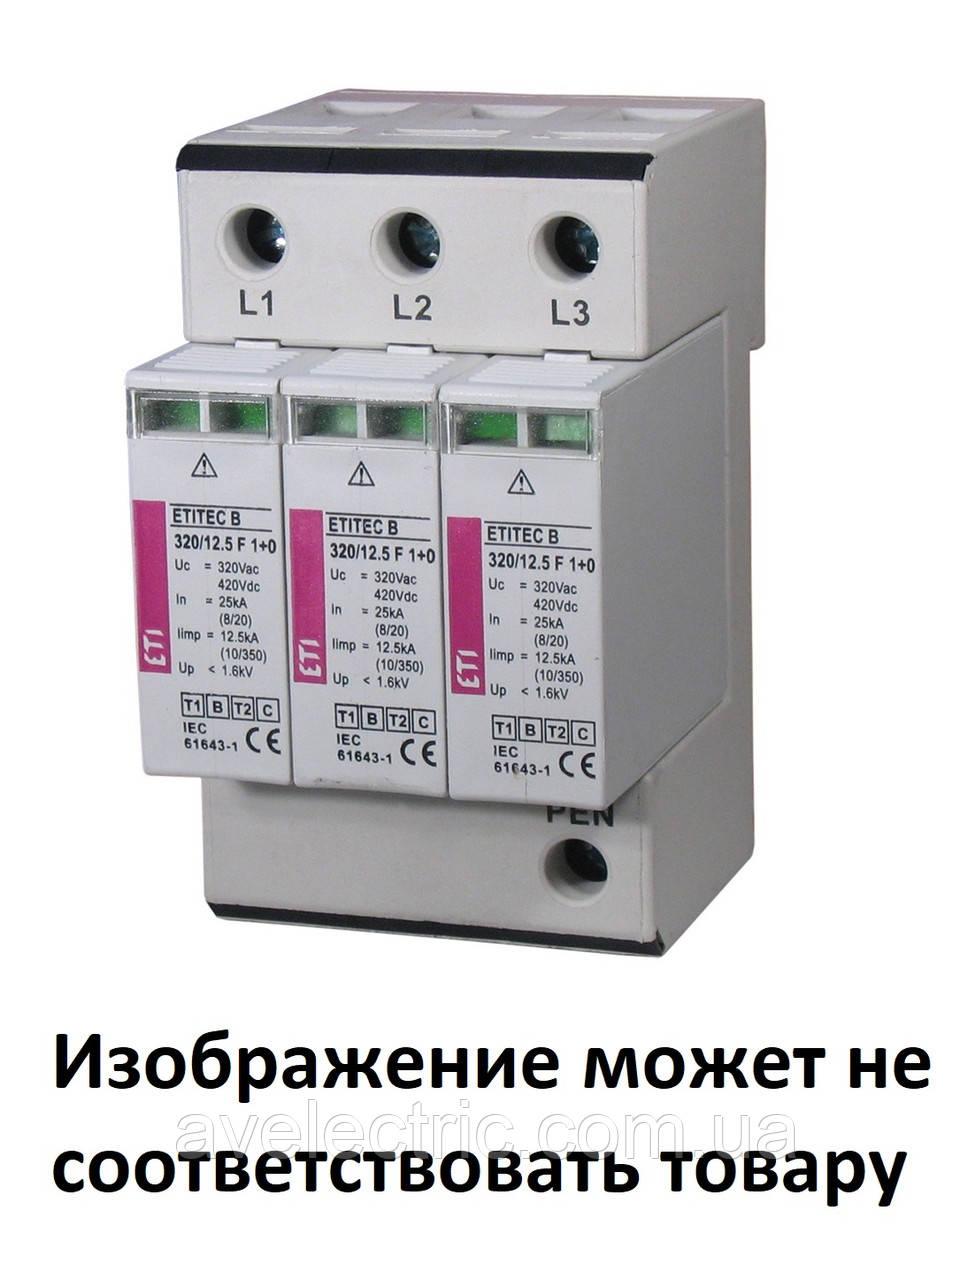 Ограничитель перенапряжения ETITEC S B 440/25 (4+0, 8p, TNC-S) RC